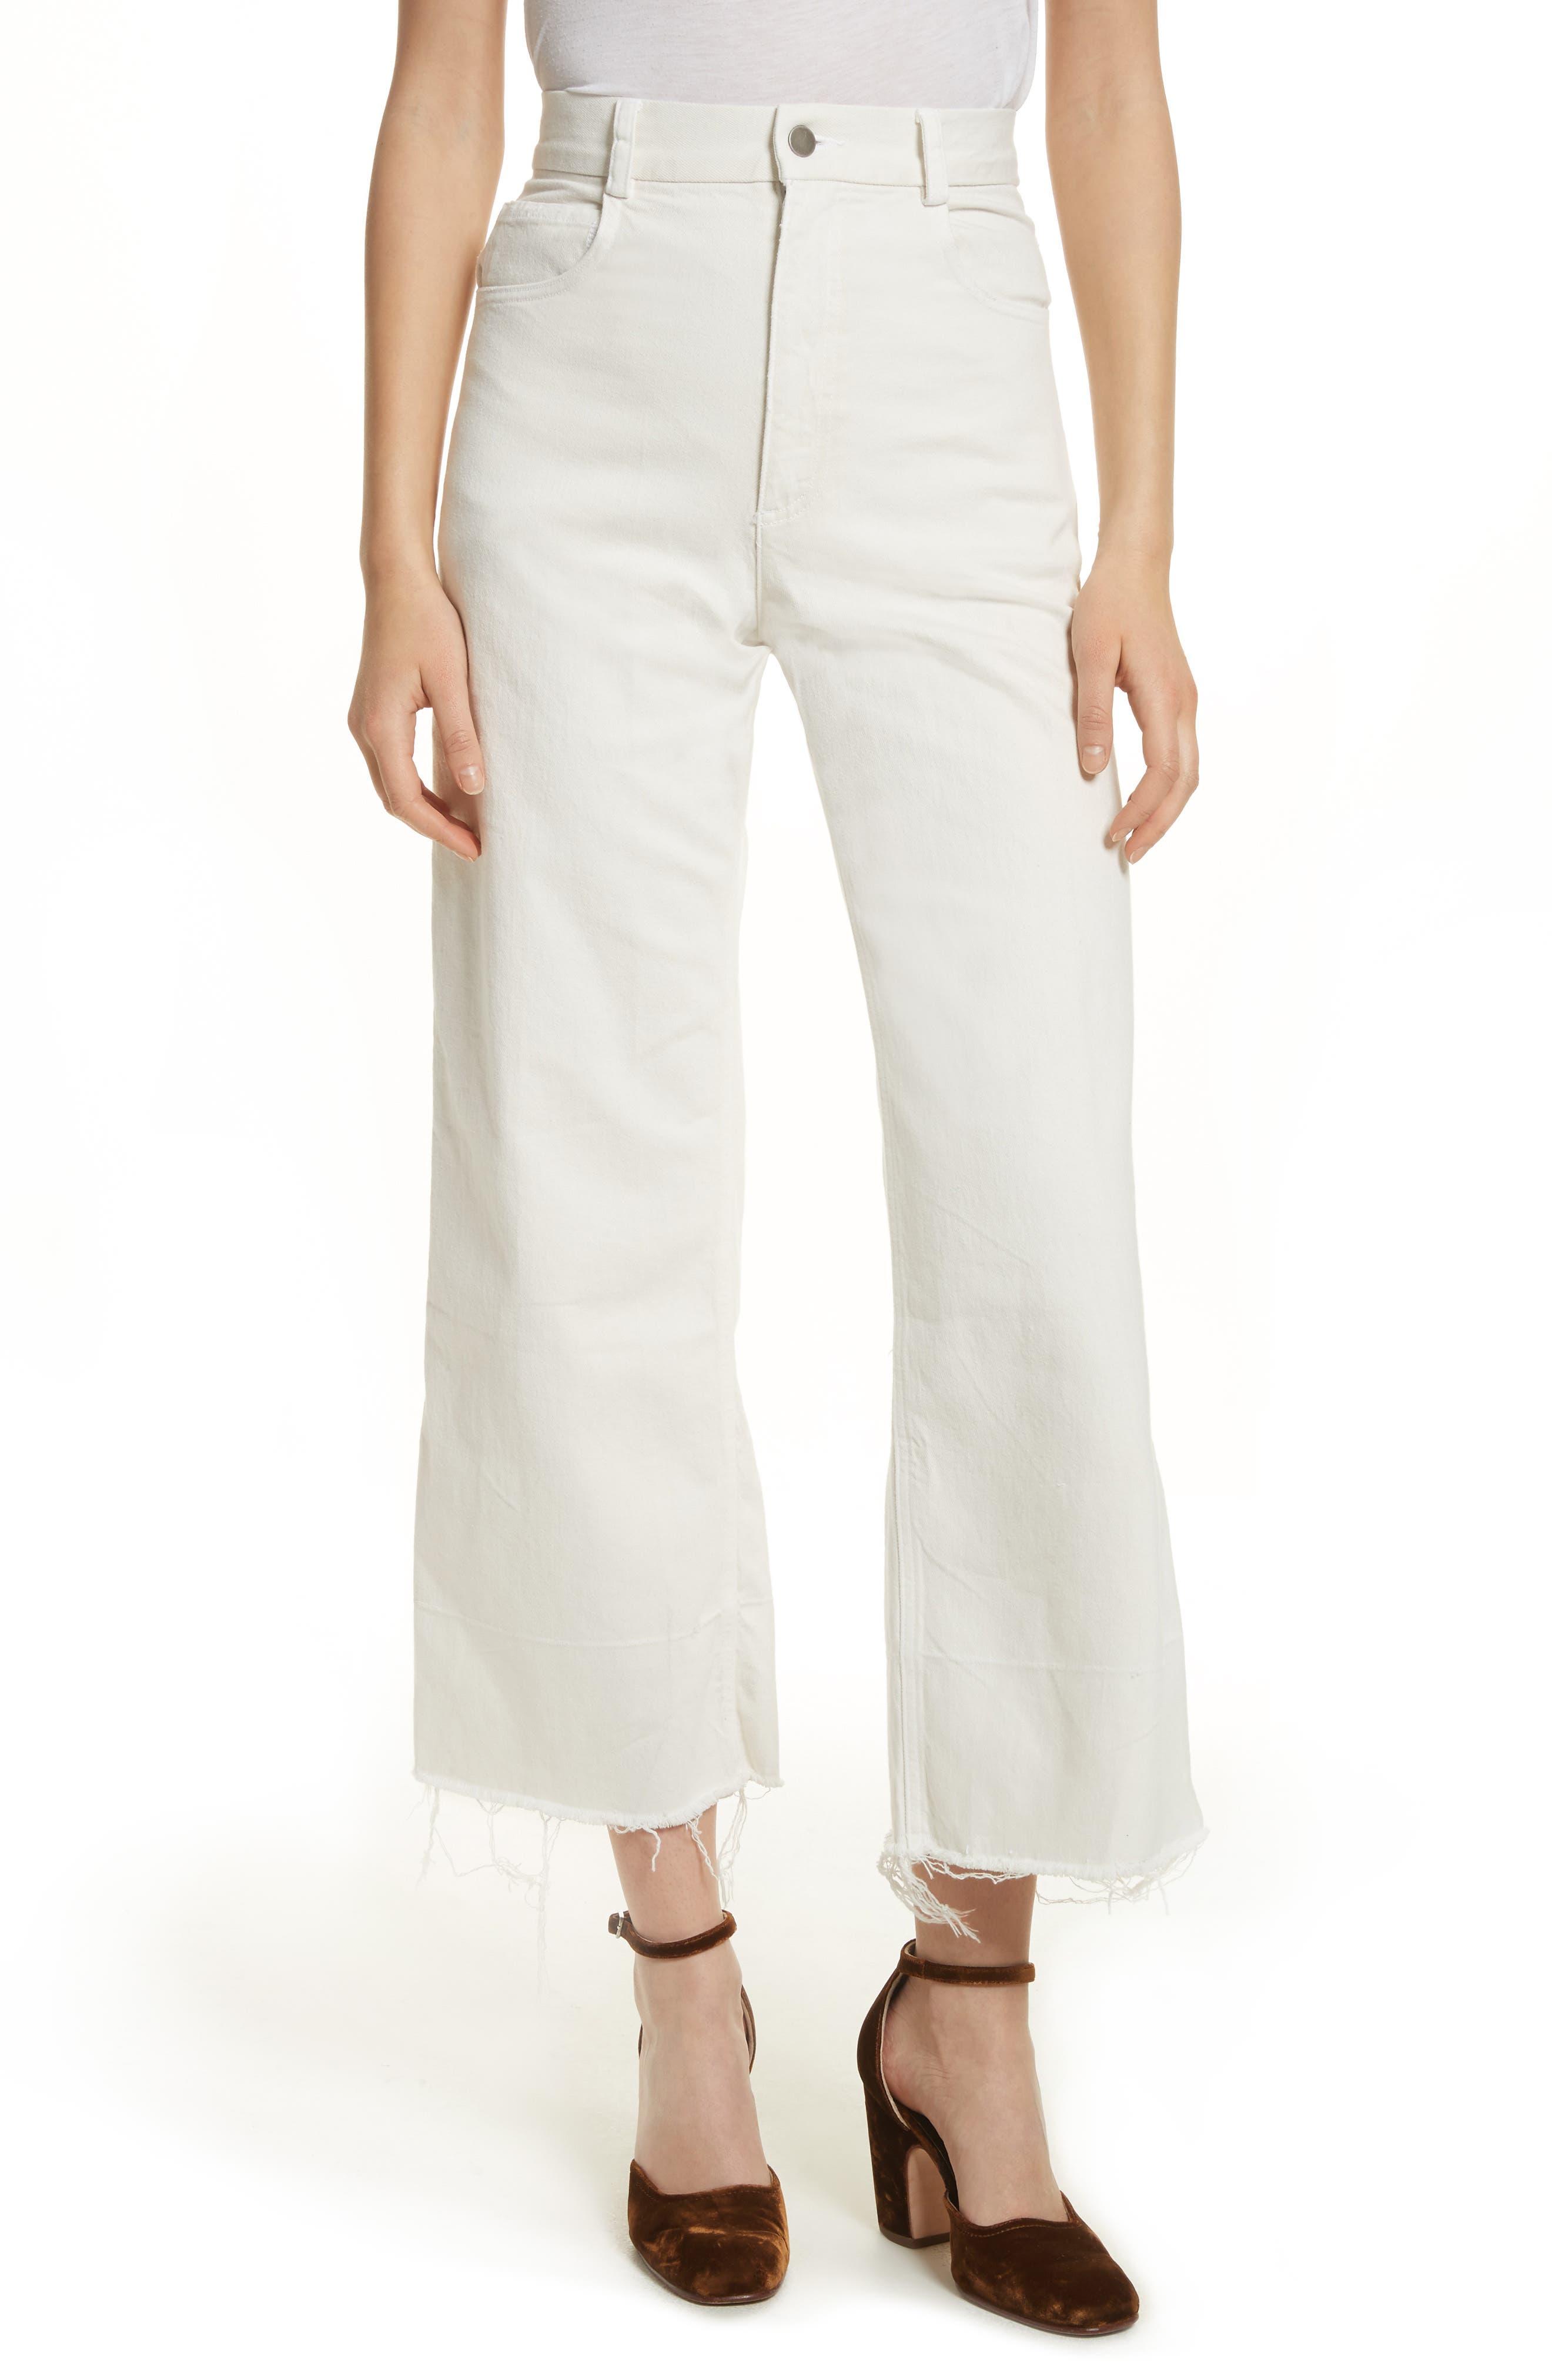 Rachel Comey Women's Rachey Comey Legion Crop Wide Leg Pants